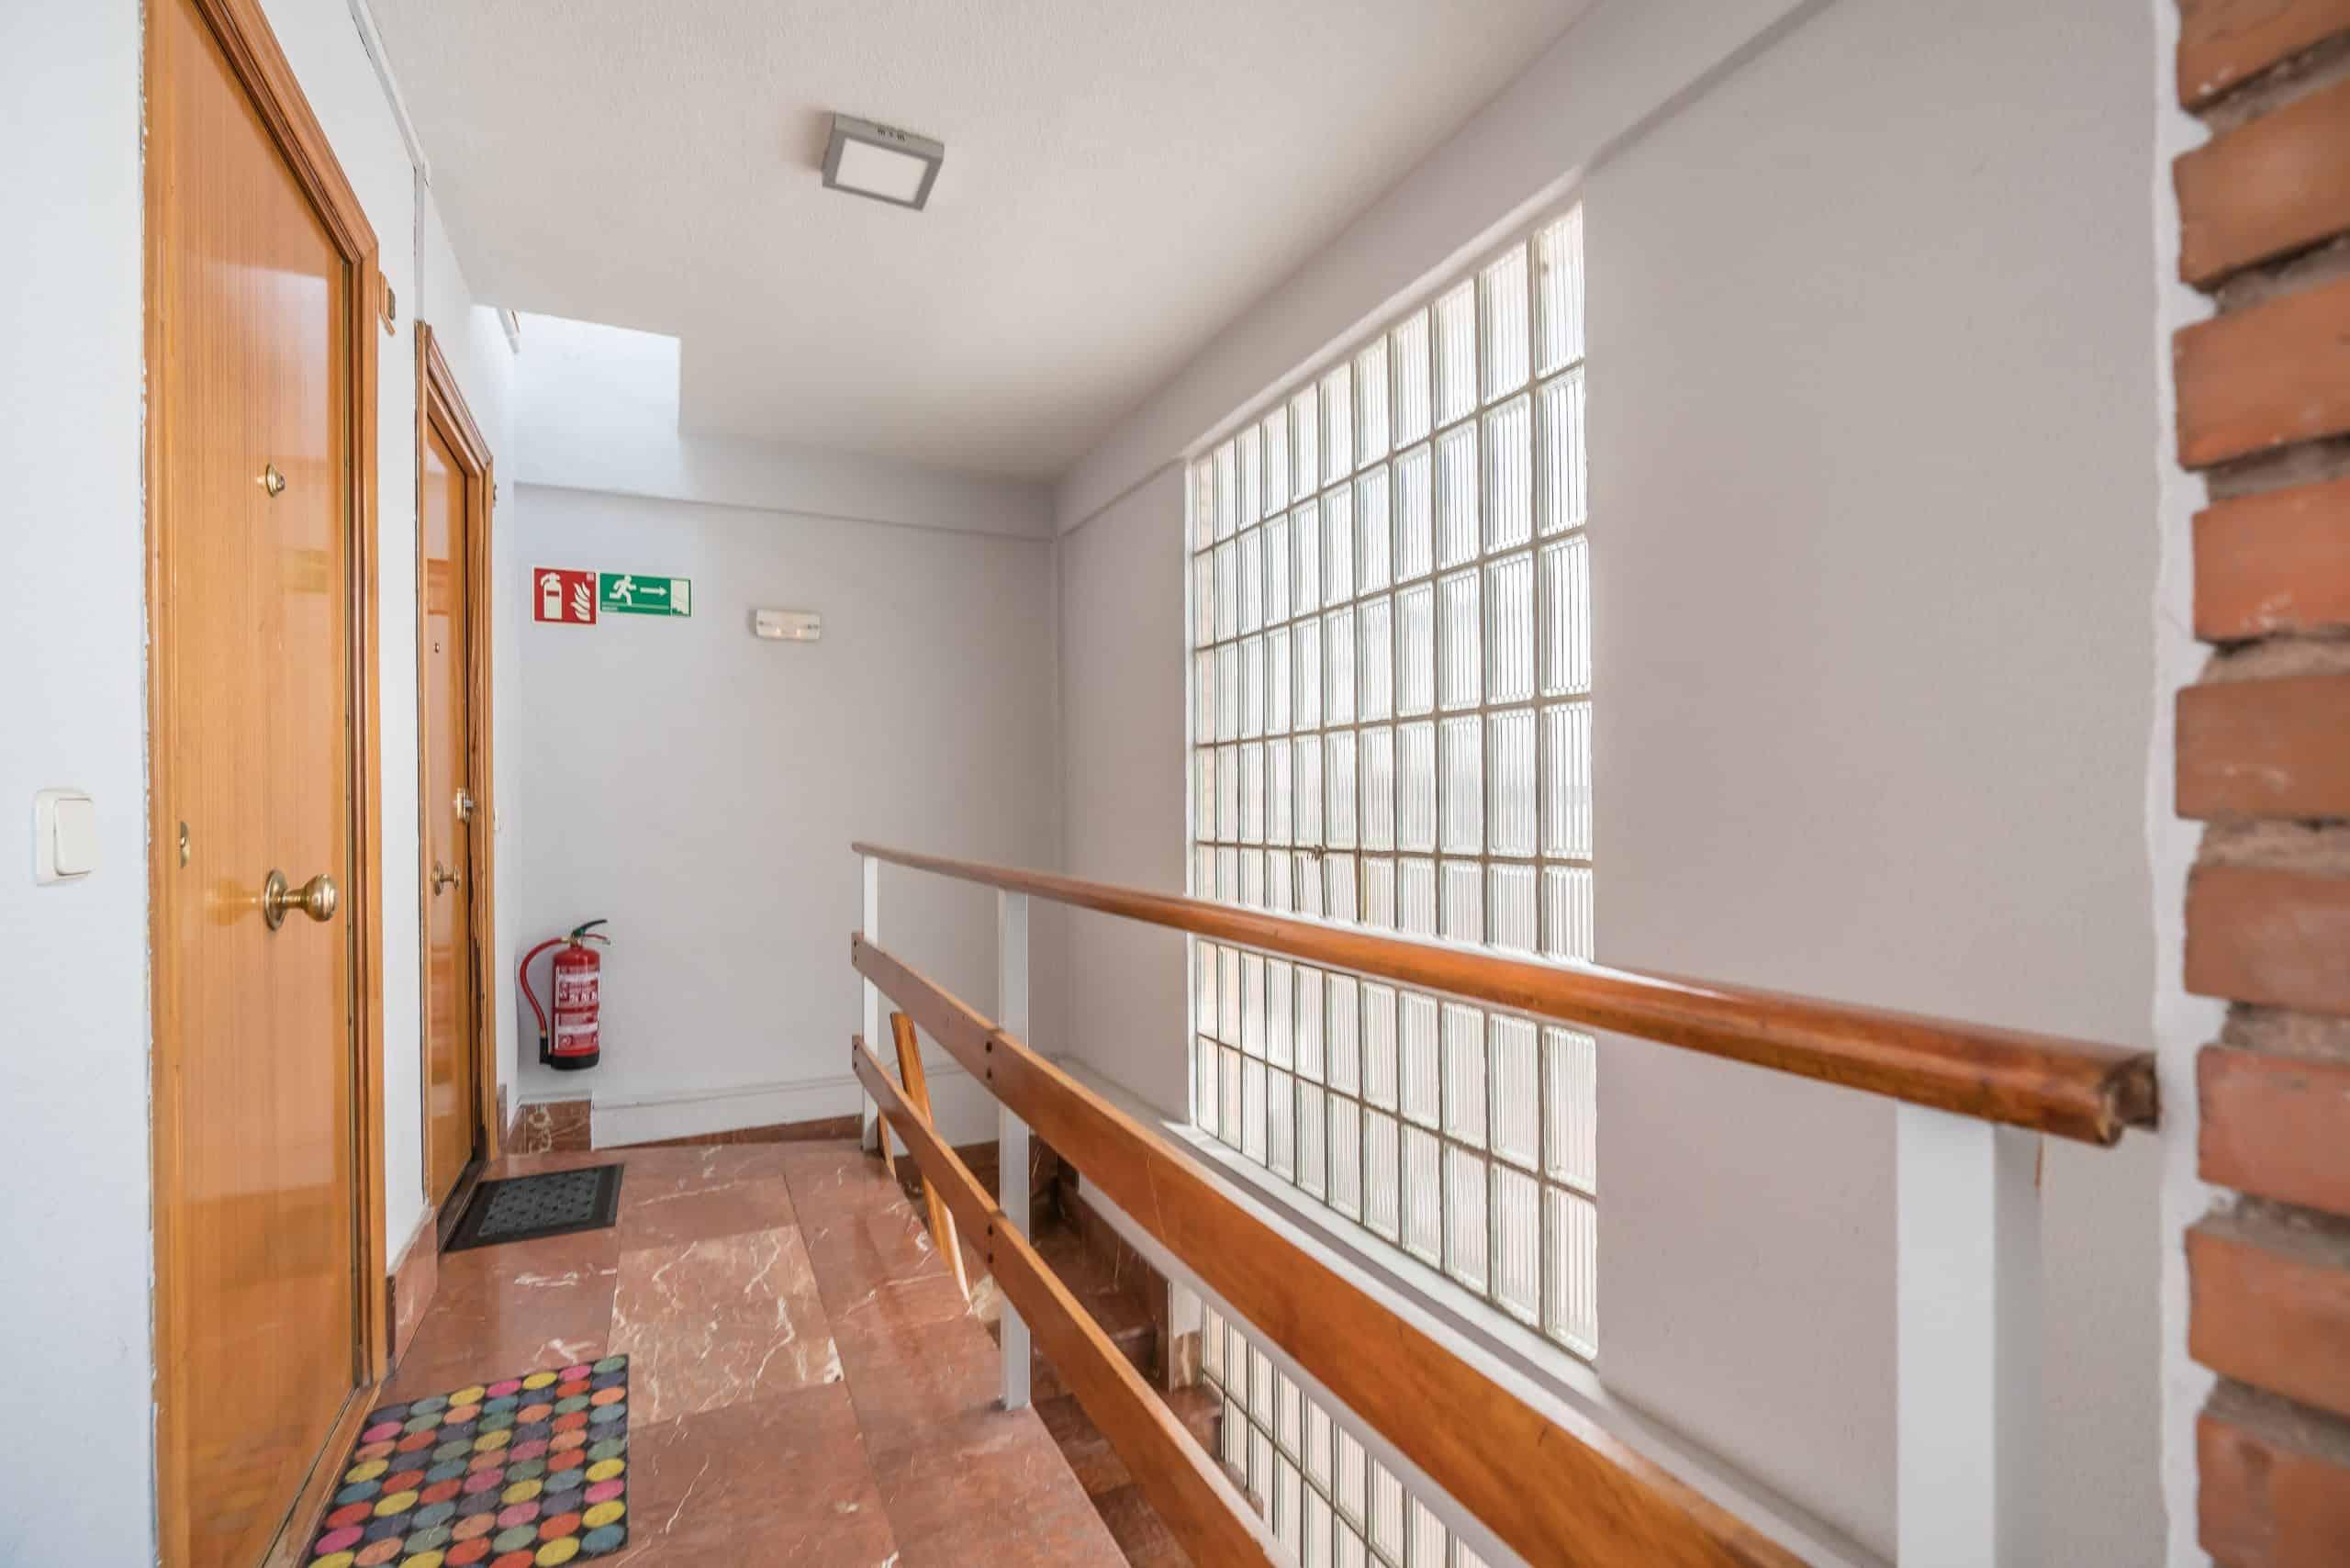 Agencia Inmobiliaria de Madrid-FUTUROCASA-calle Alcala- zonas comunes